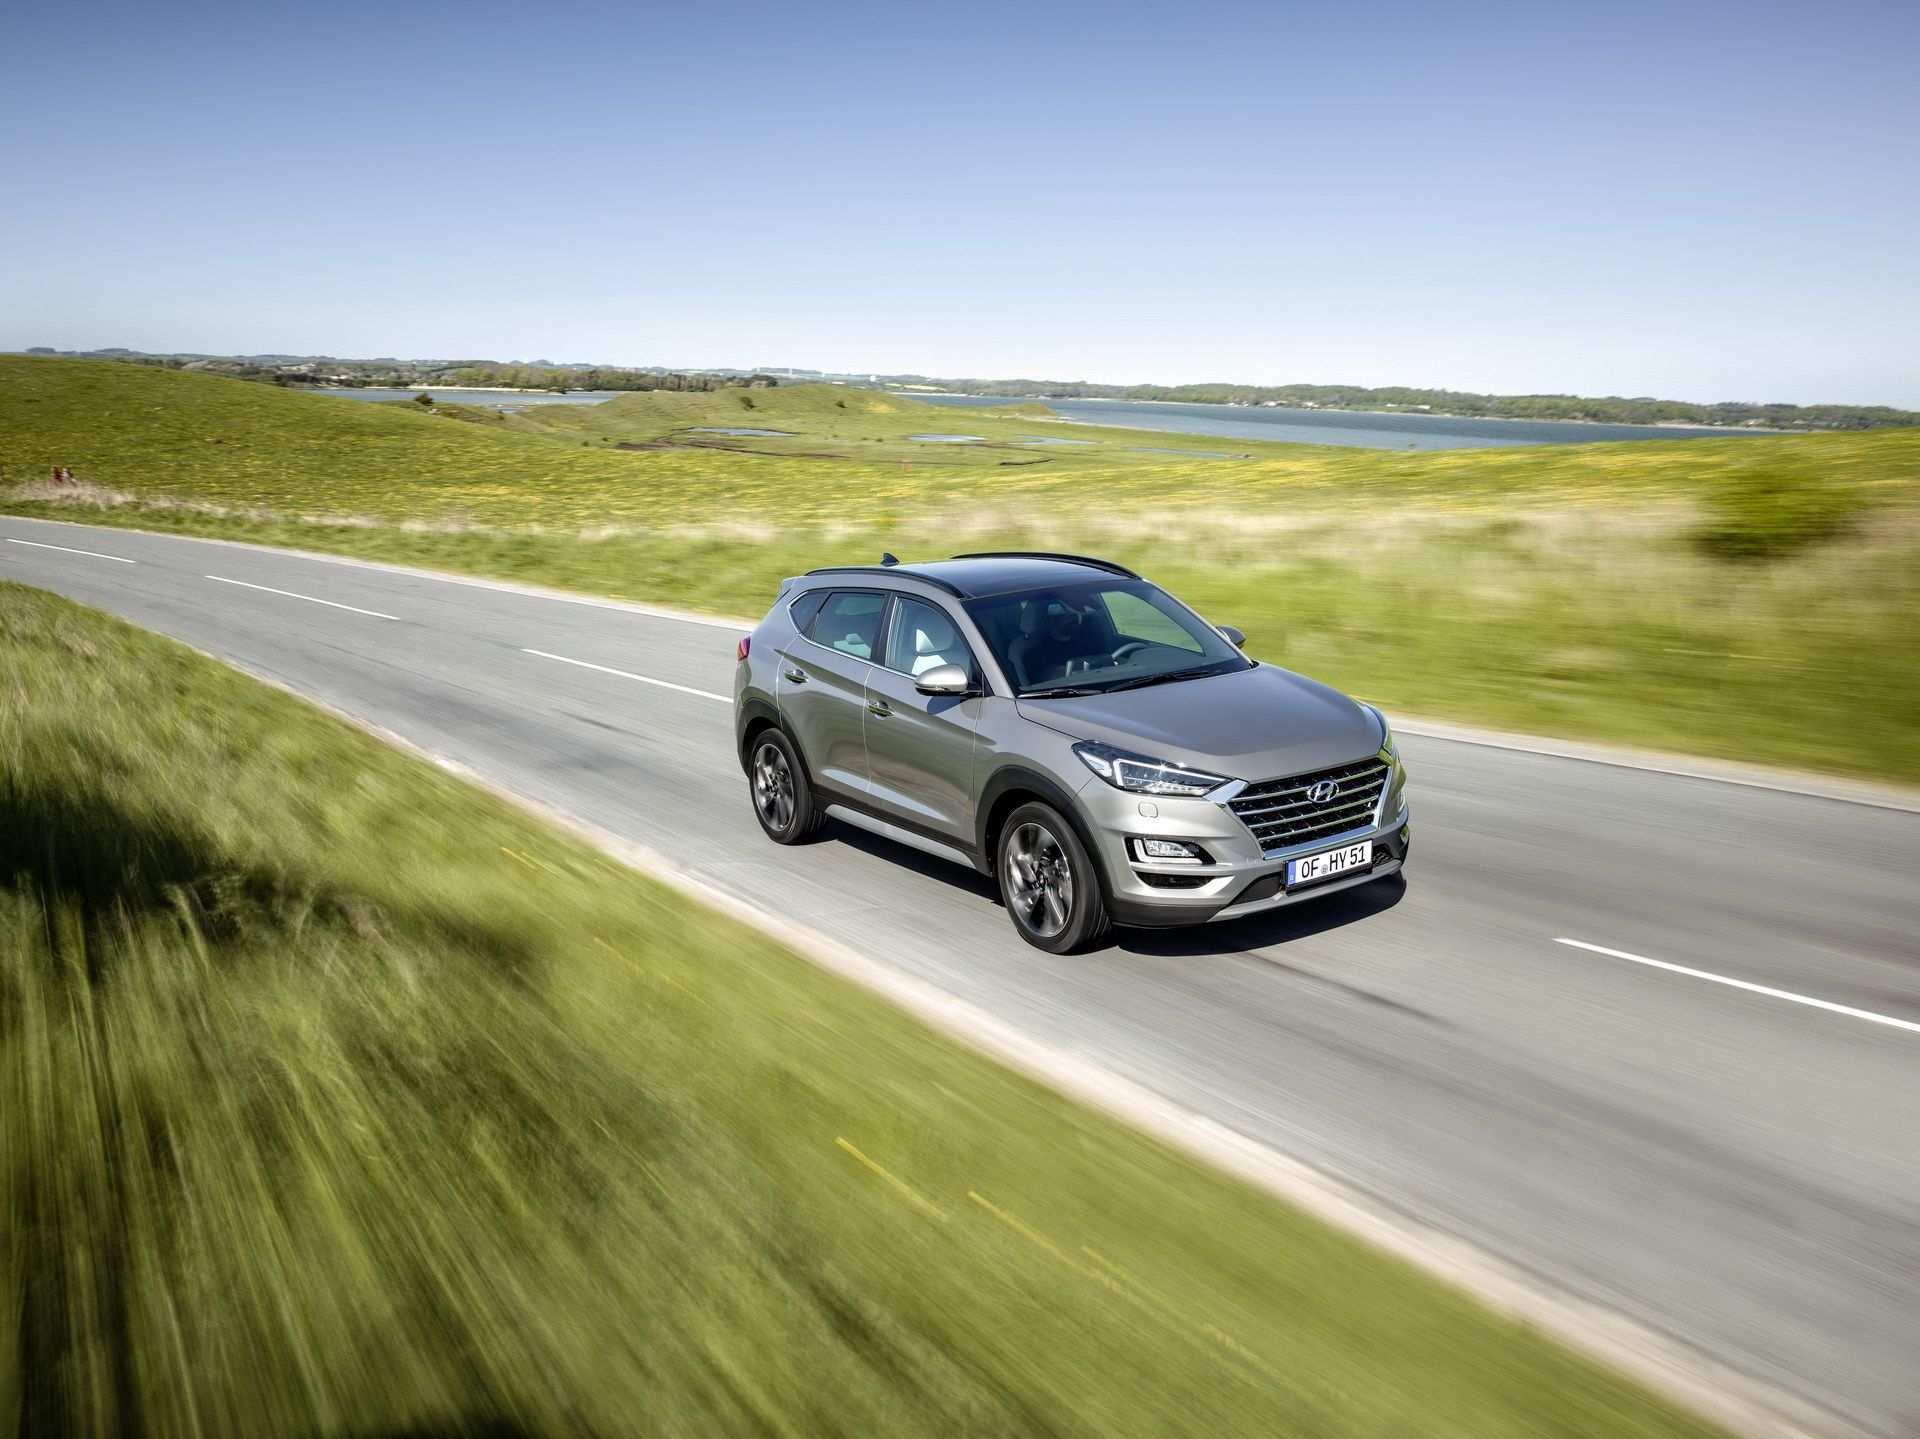 48 All New Hyundai Diesel 2020 Photos for Hyundai Diesel 2020